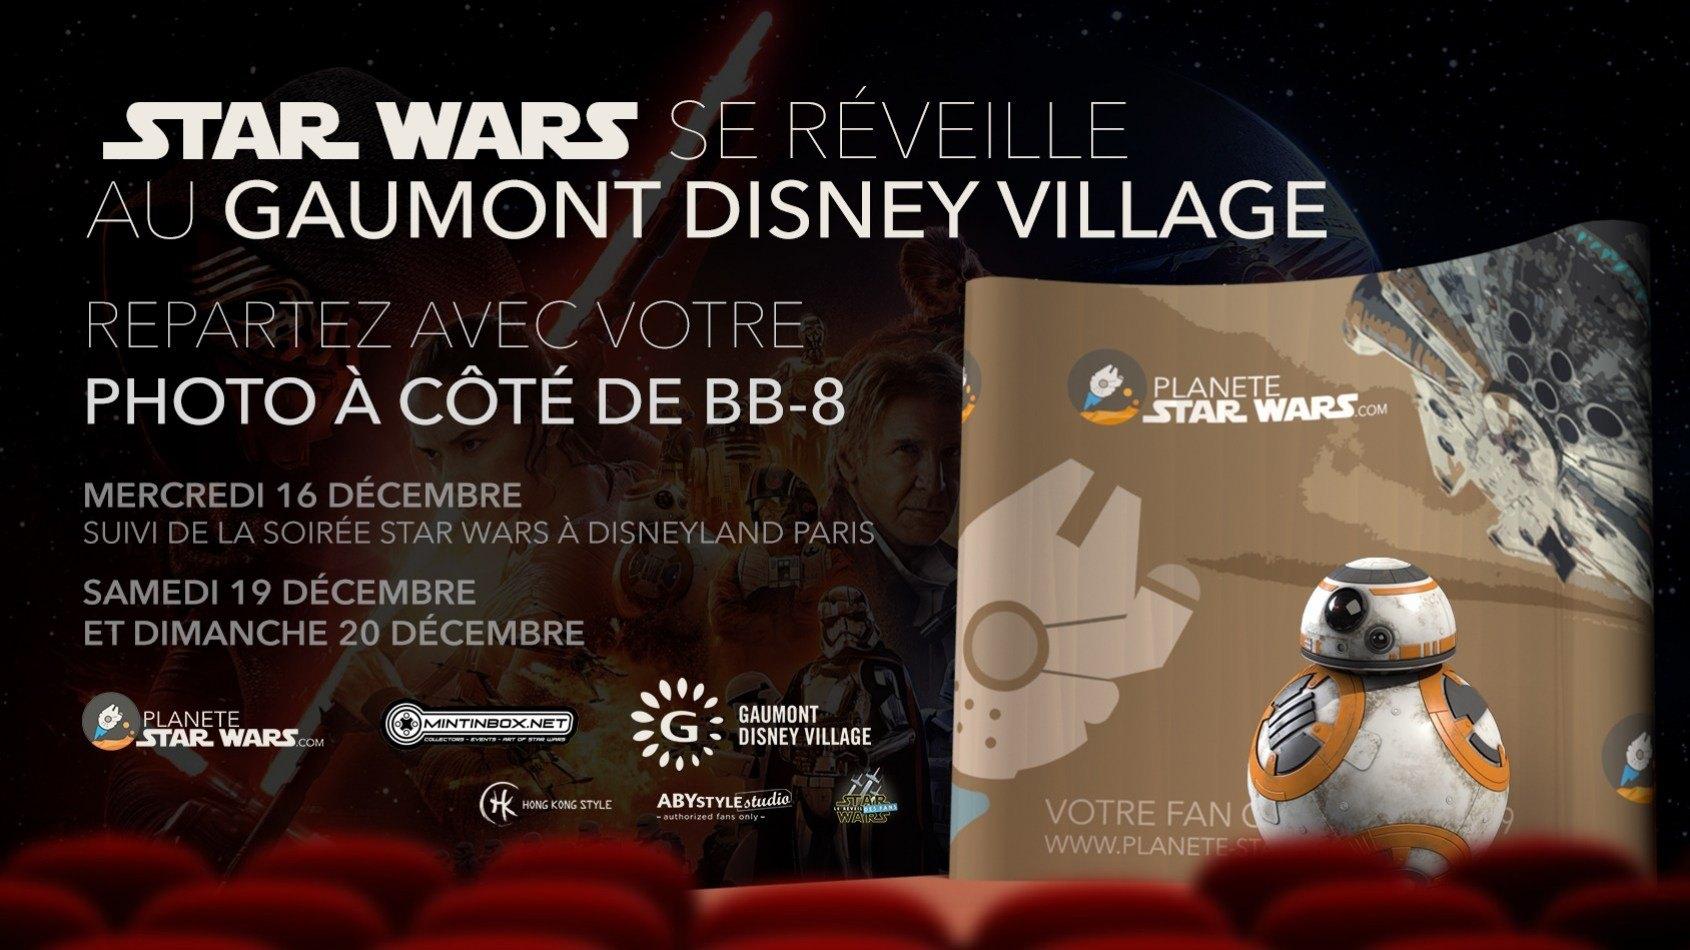 L'Episode VII au Gaumont Disney Village et photo avec BB-8 !